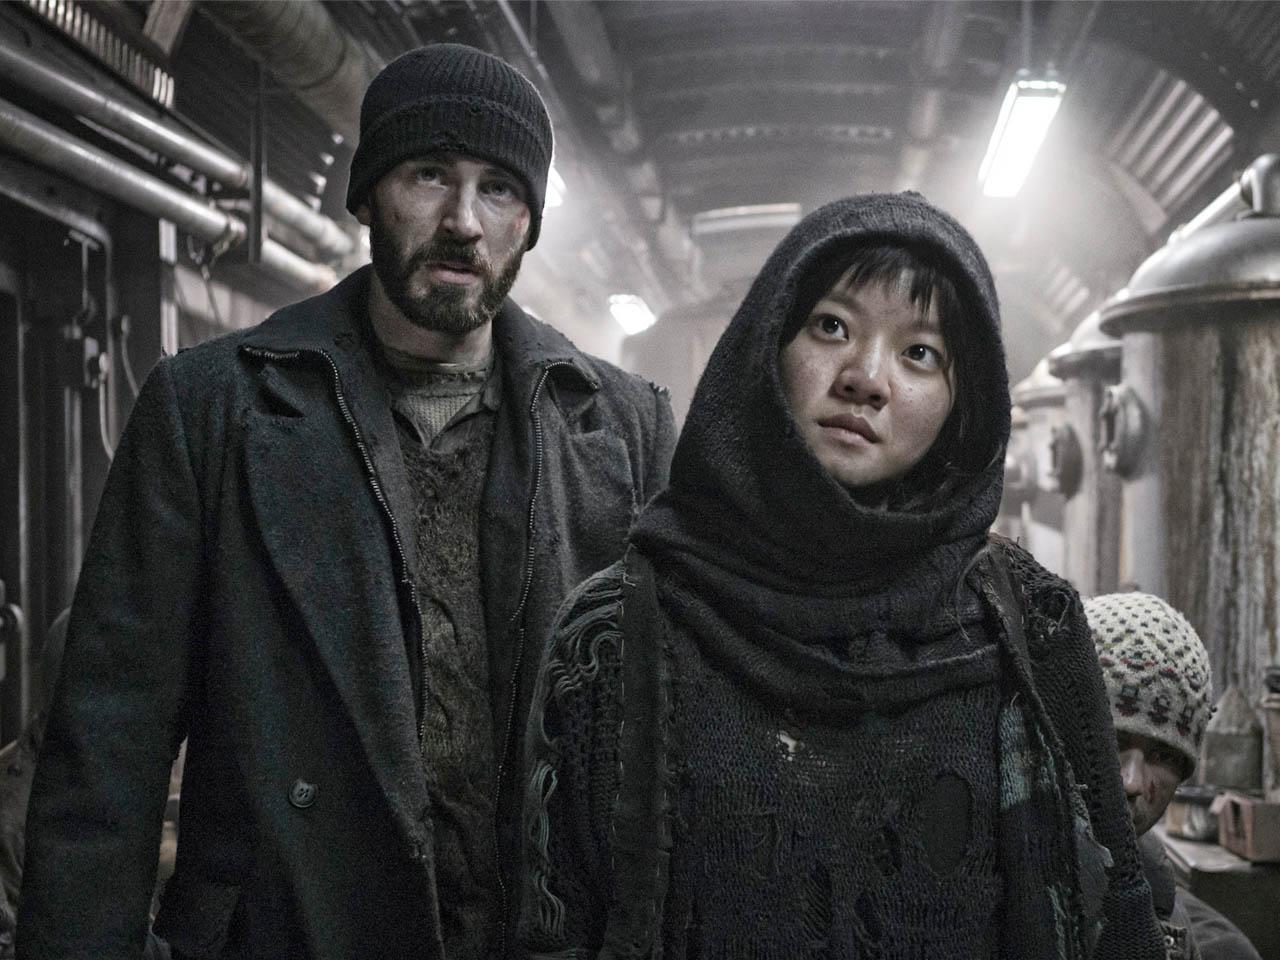 Snowpiercer - Movie - 1280 - Featured - 01